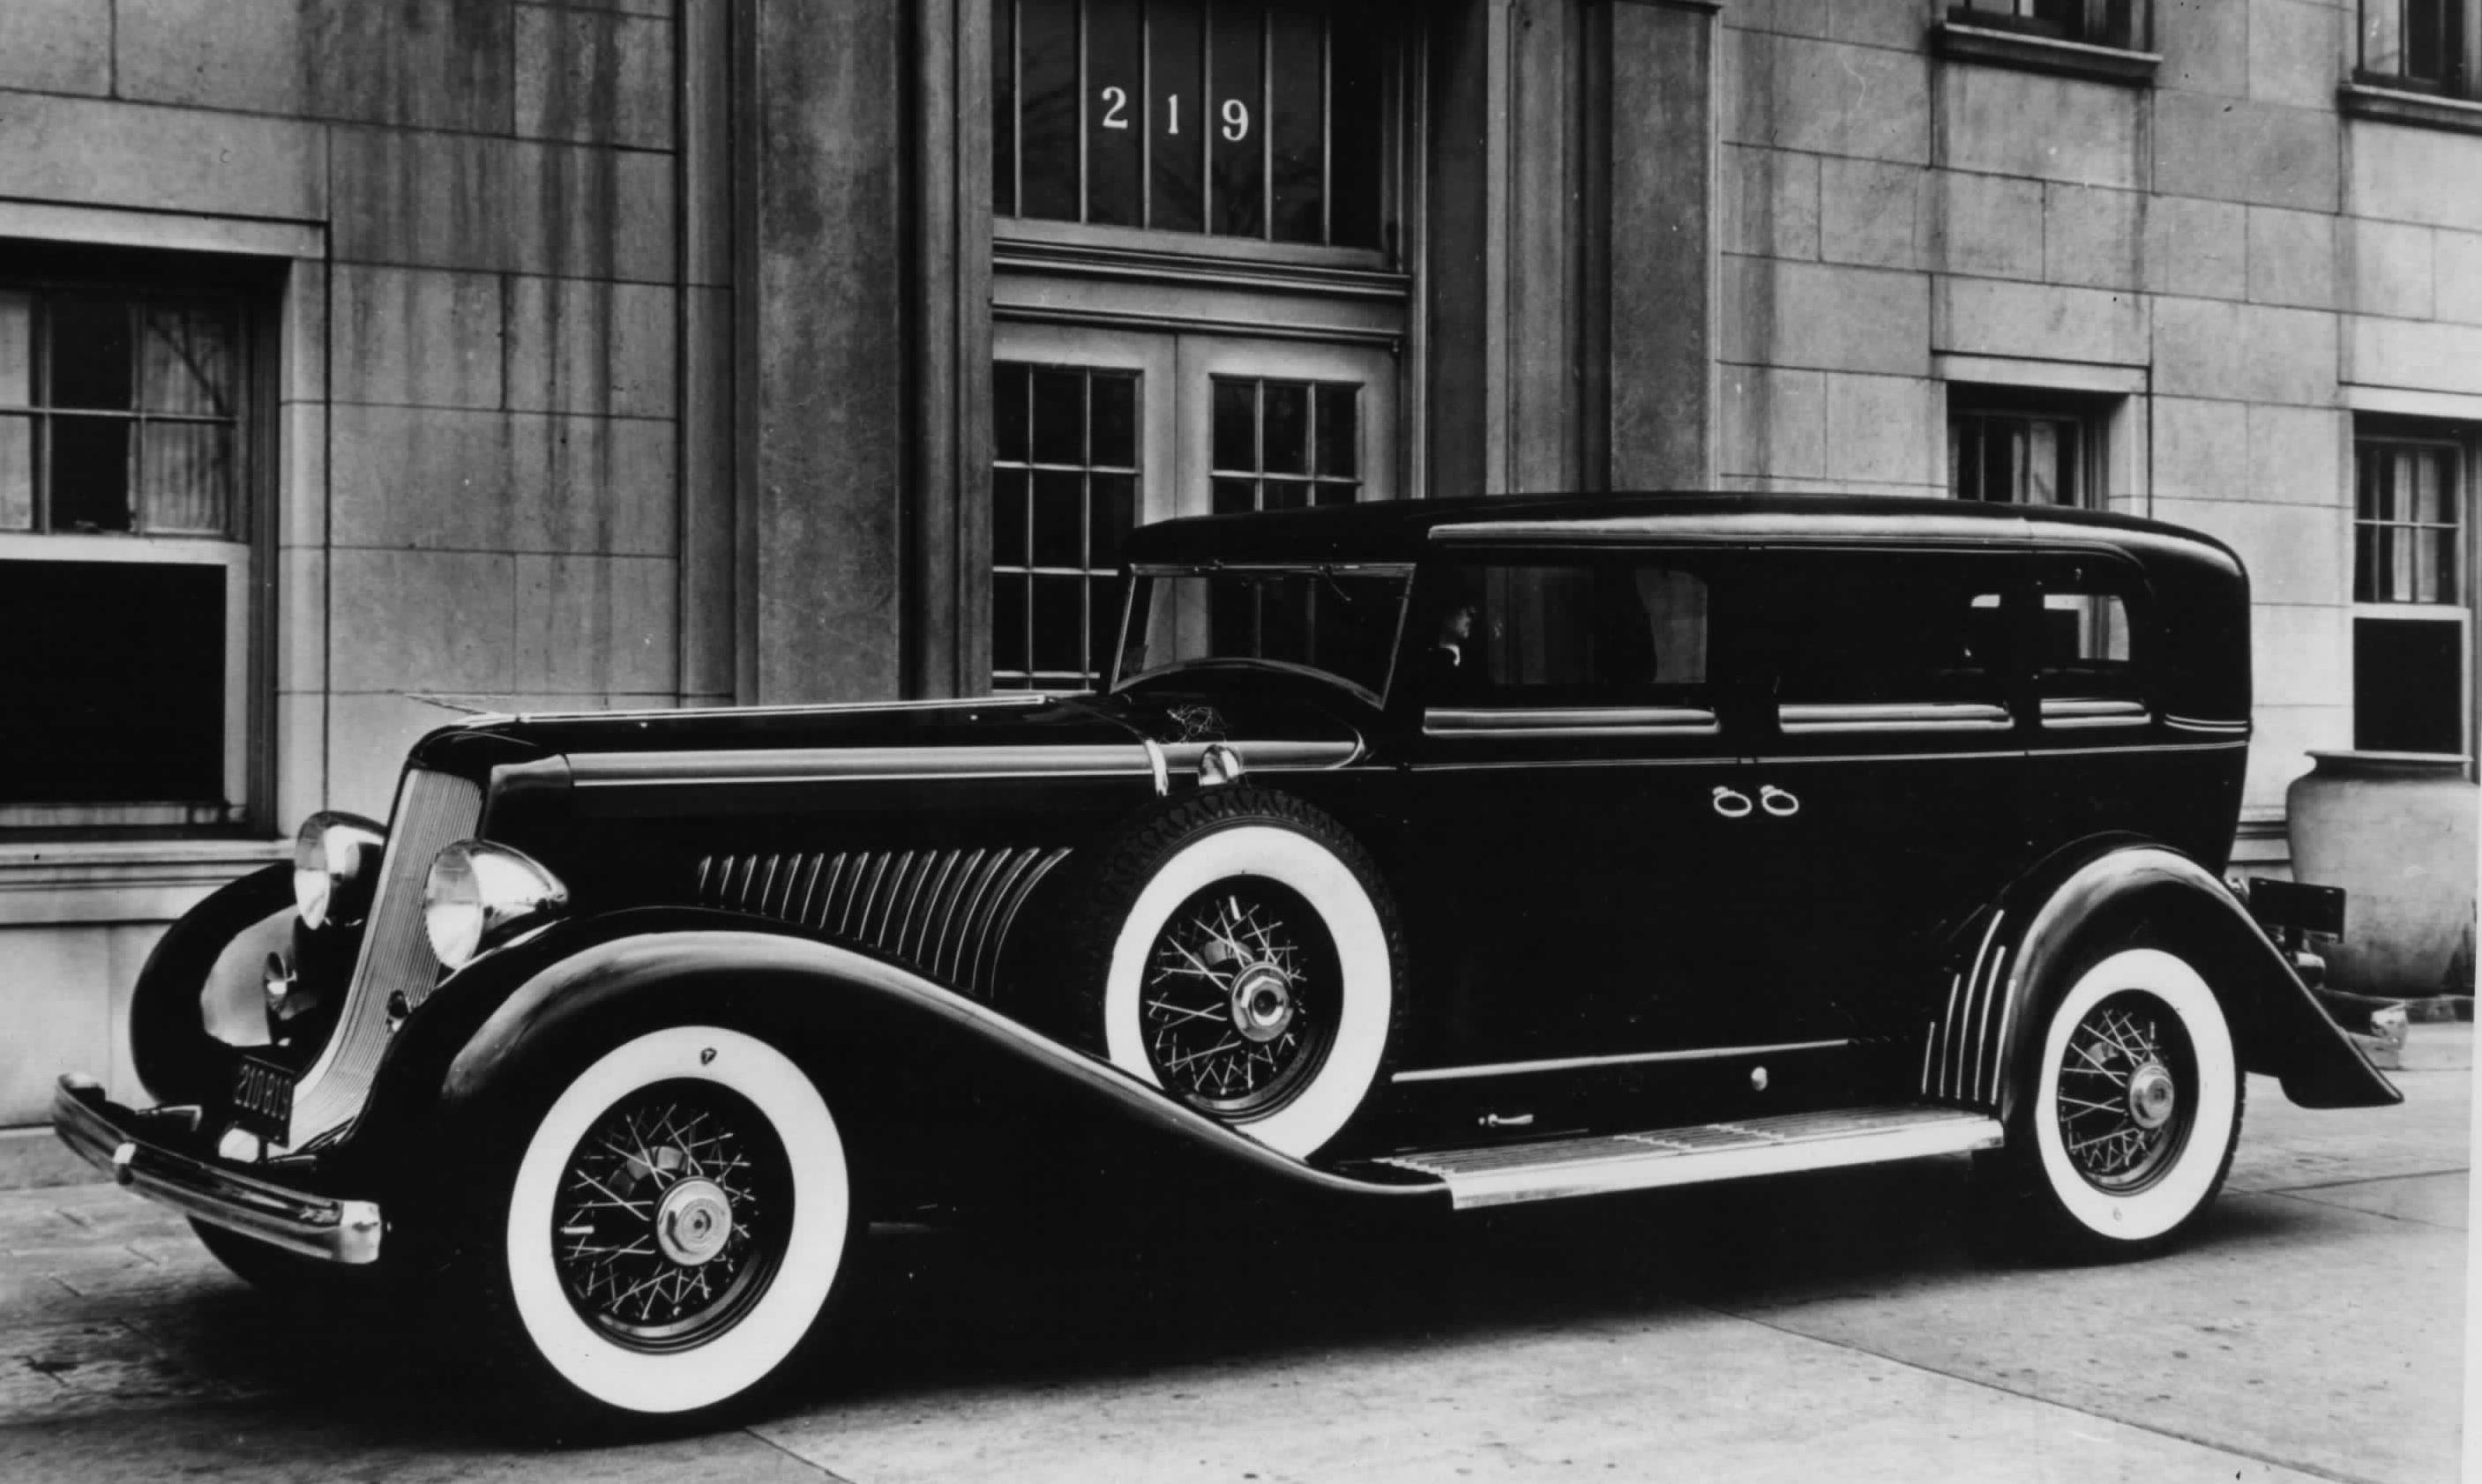 Description Black Classic Car Wallpapers is a hi res Wallpaper for pc 2814x1683